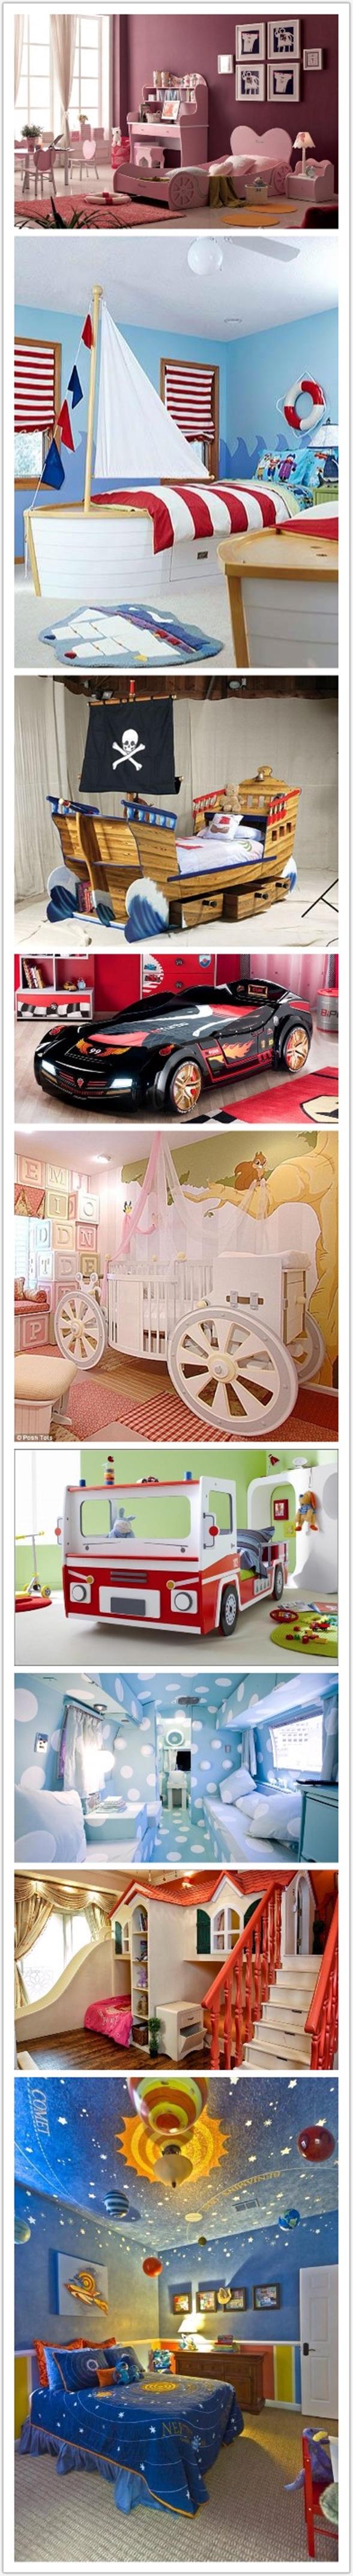 kids room Wonderful kids room